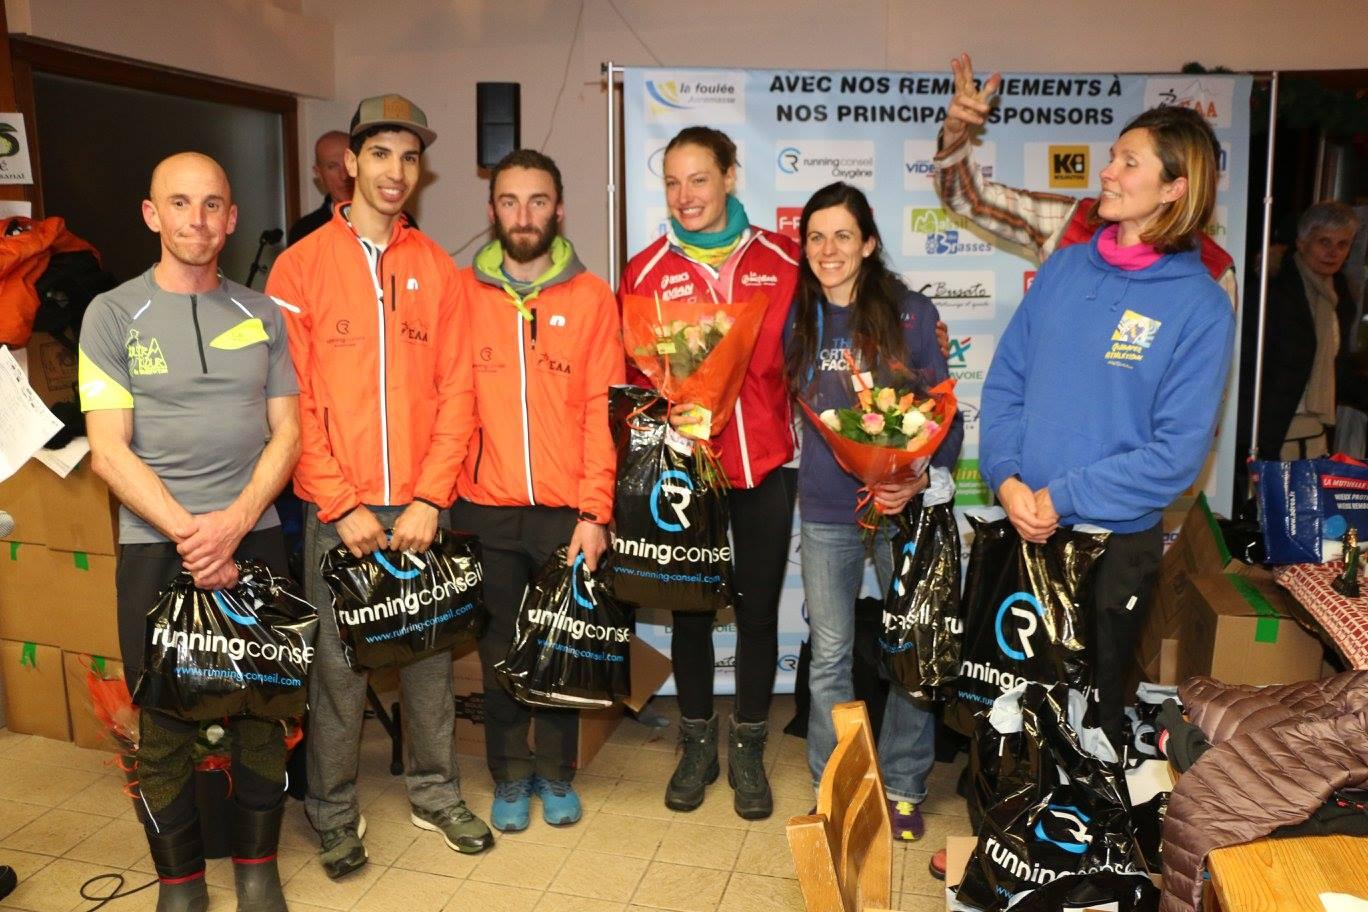 Podiums scratchs avec de gauche à droite Roland Claverie, Mohamed Boulama, Sylvère Pruvost, Hélène Darragon, Lucile Besson et Morgane Cretton. ©EAA